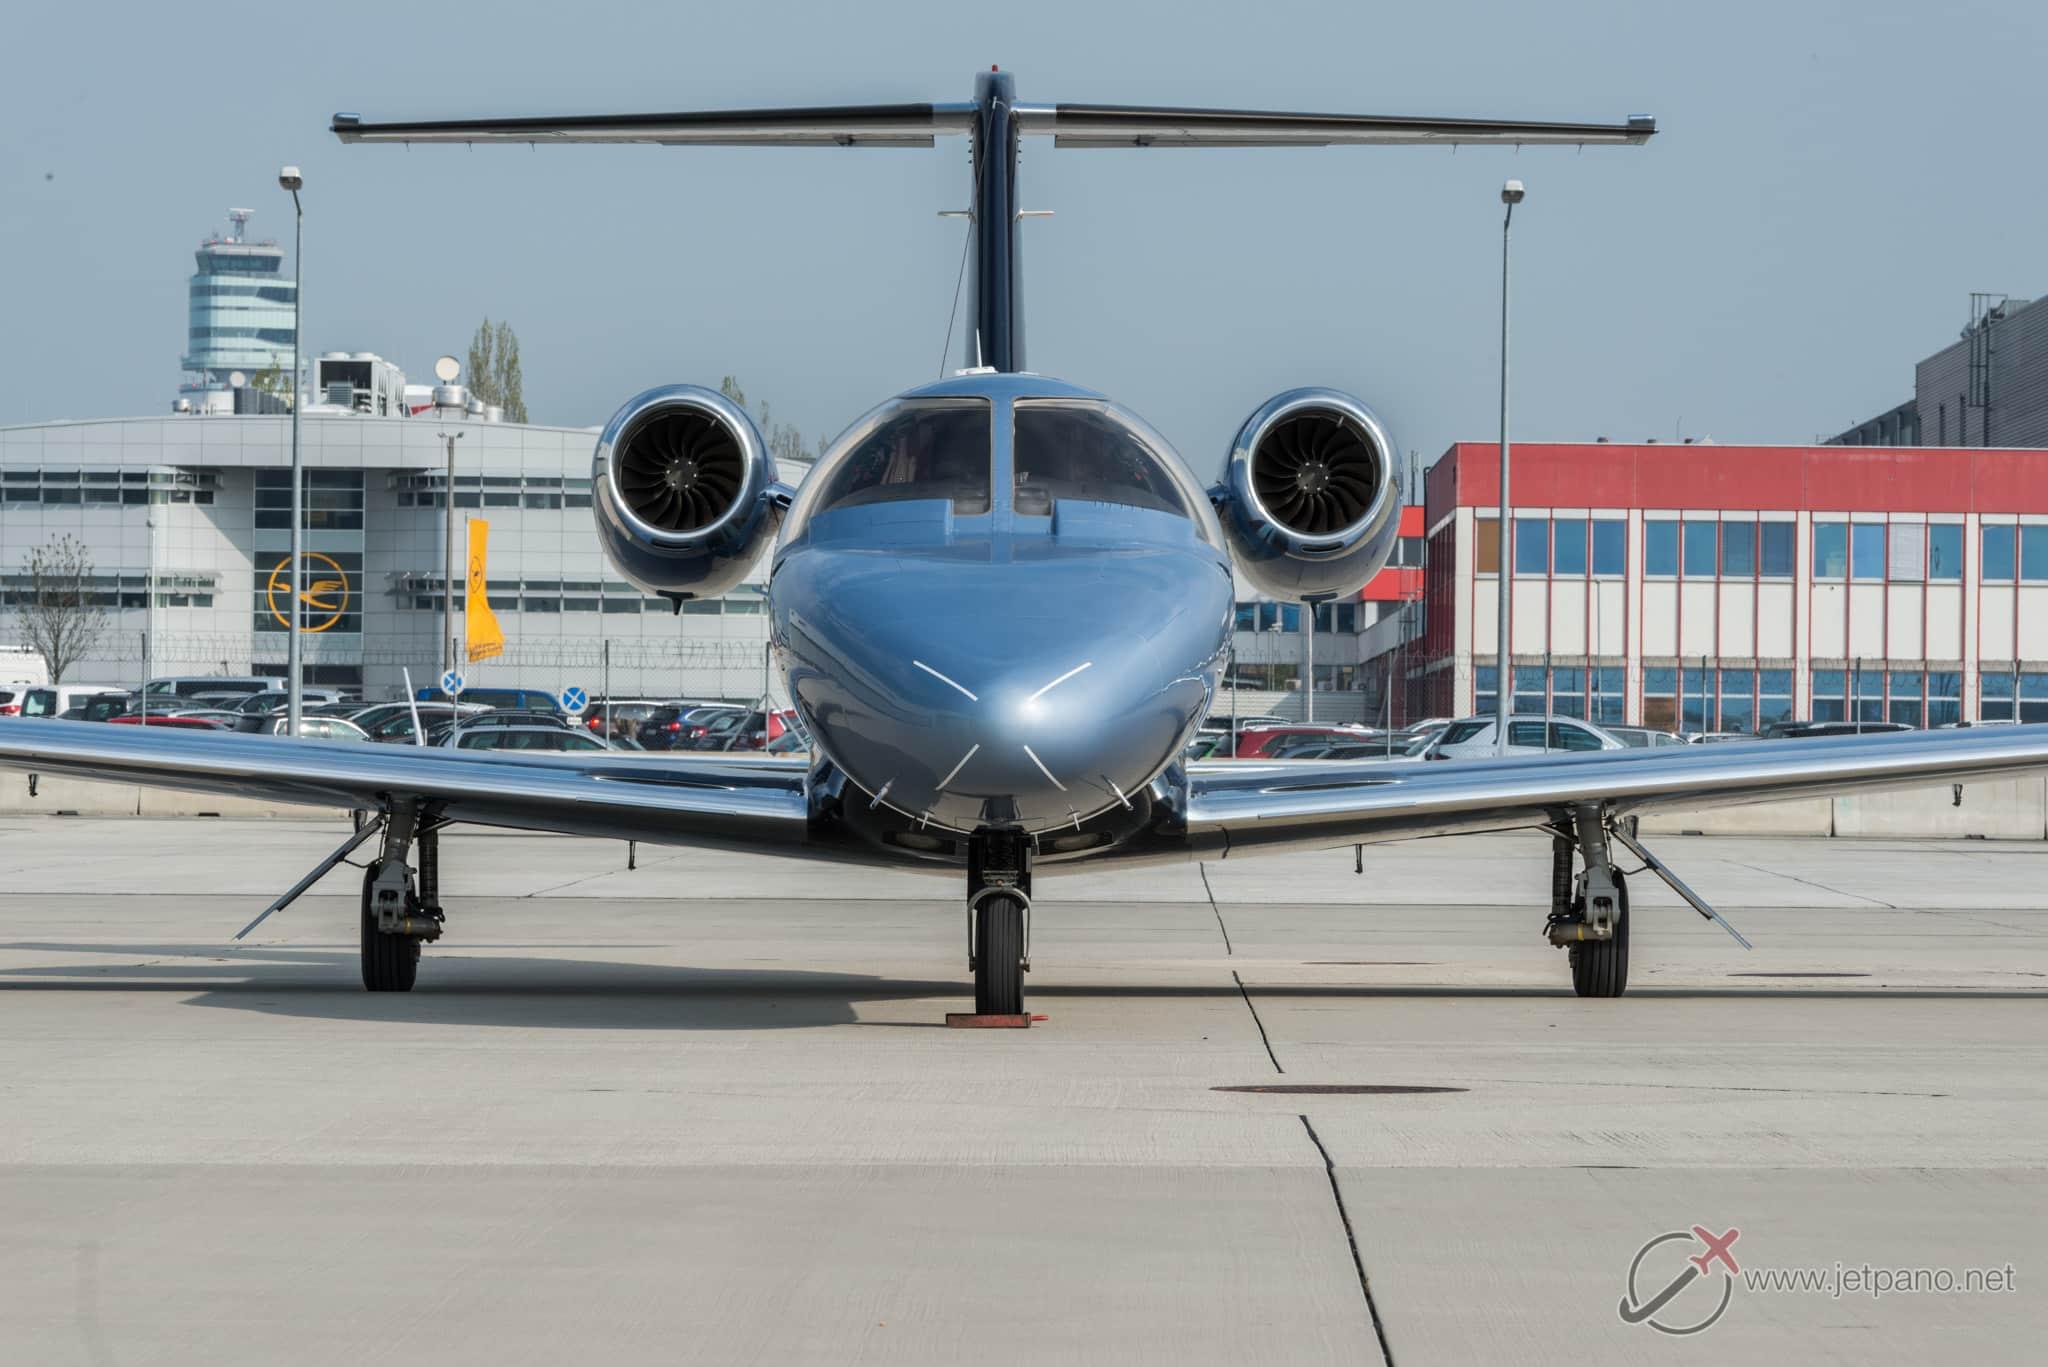 Cessna CJ2 / CJ2+